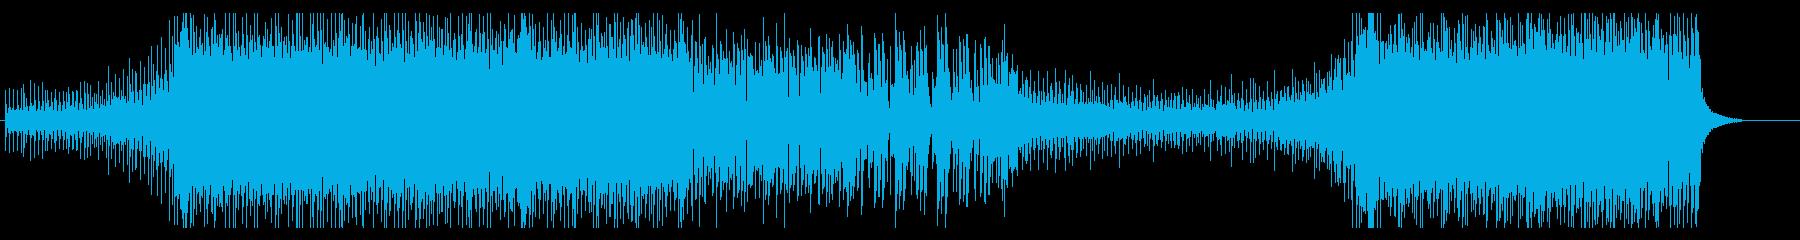 明るく爽やかなエレクトロポップの再生済みの波形